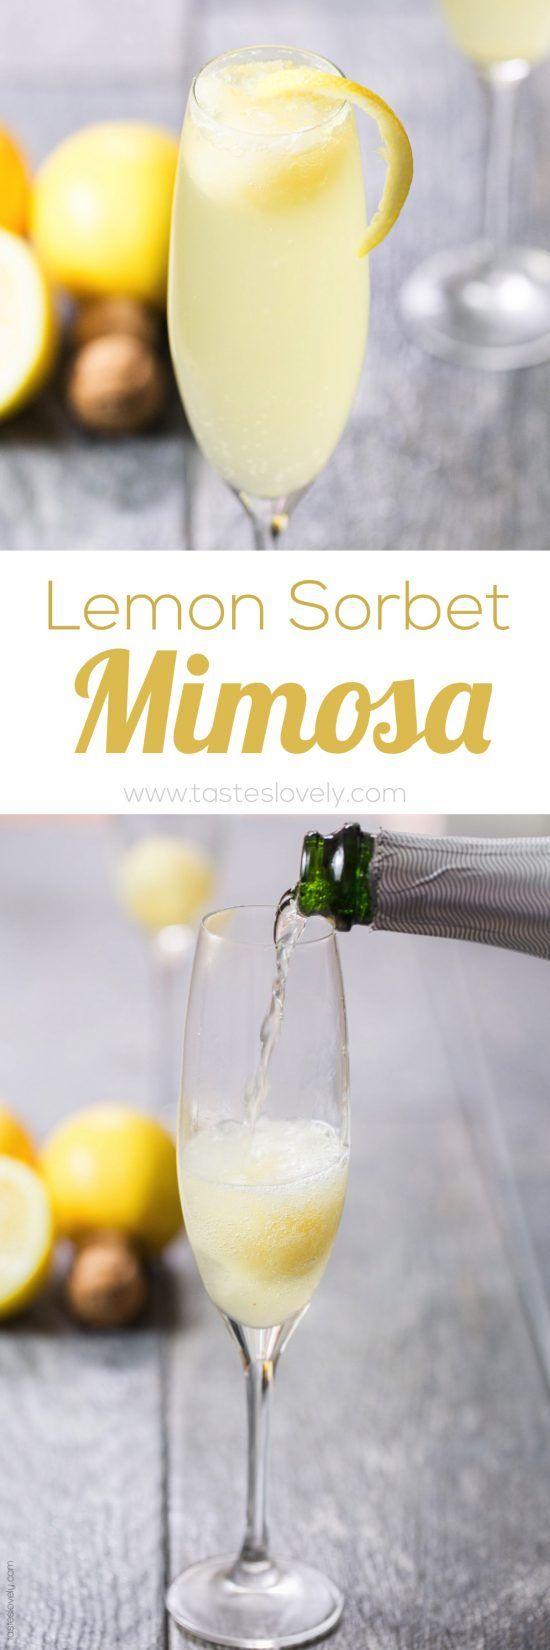 Lemon Sorbet Mimosa Mocktail Sweet, refreshing, and fun to ...